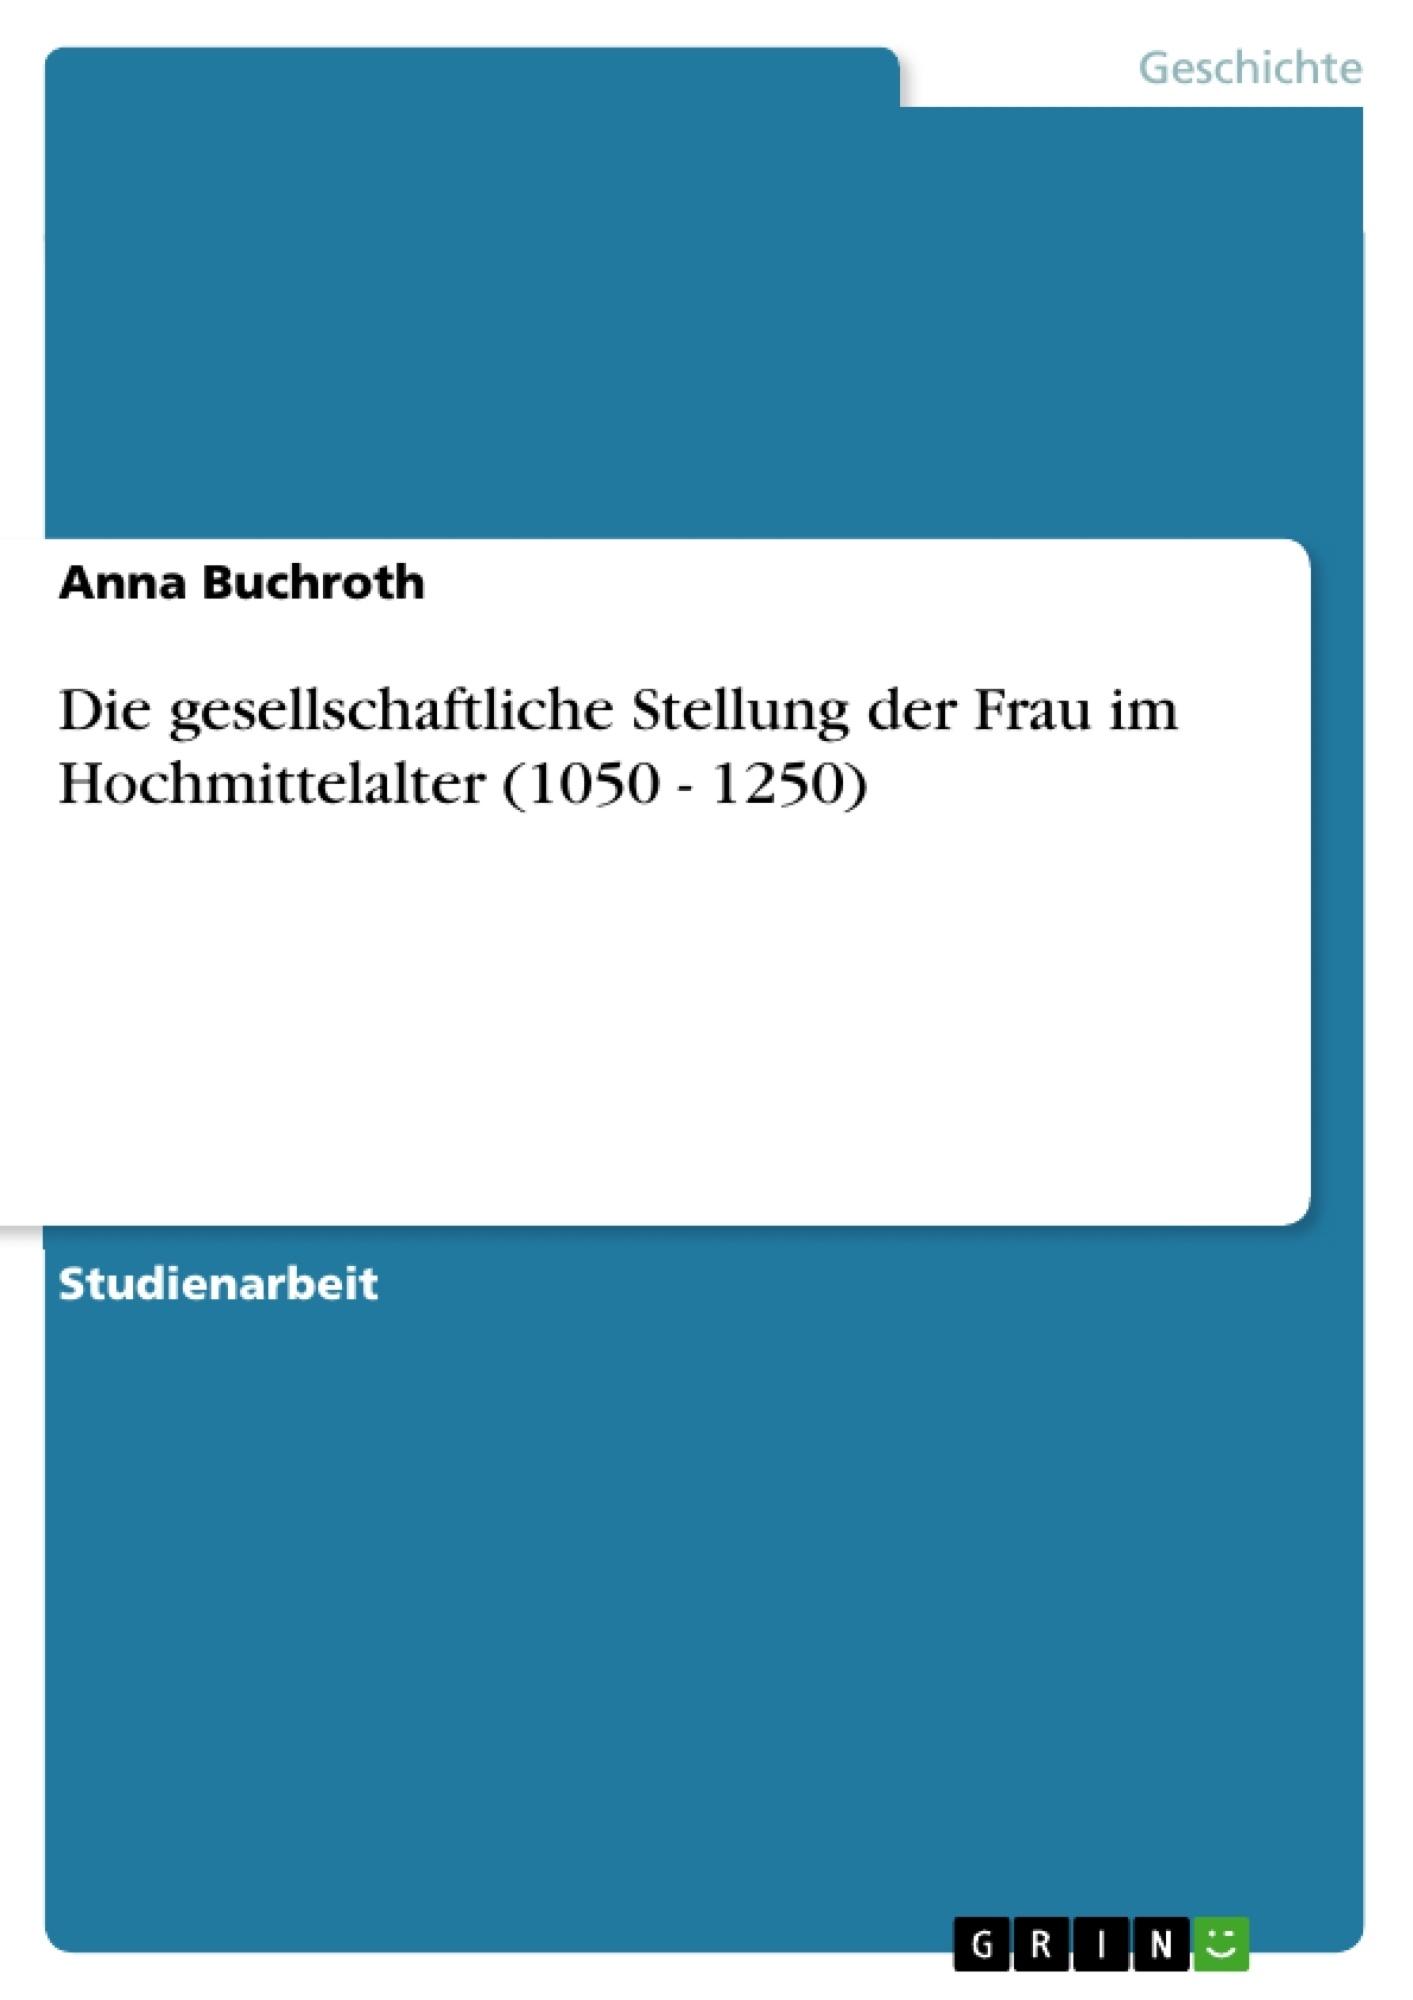 Titel: Die gesellschaftliche Stellung der Frau im Hochmittelalter (1050 - 1250)